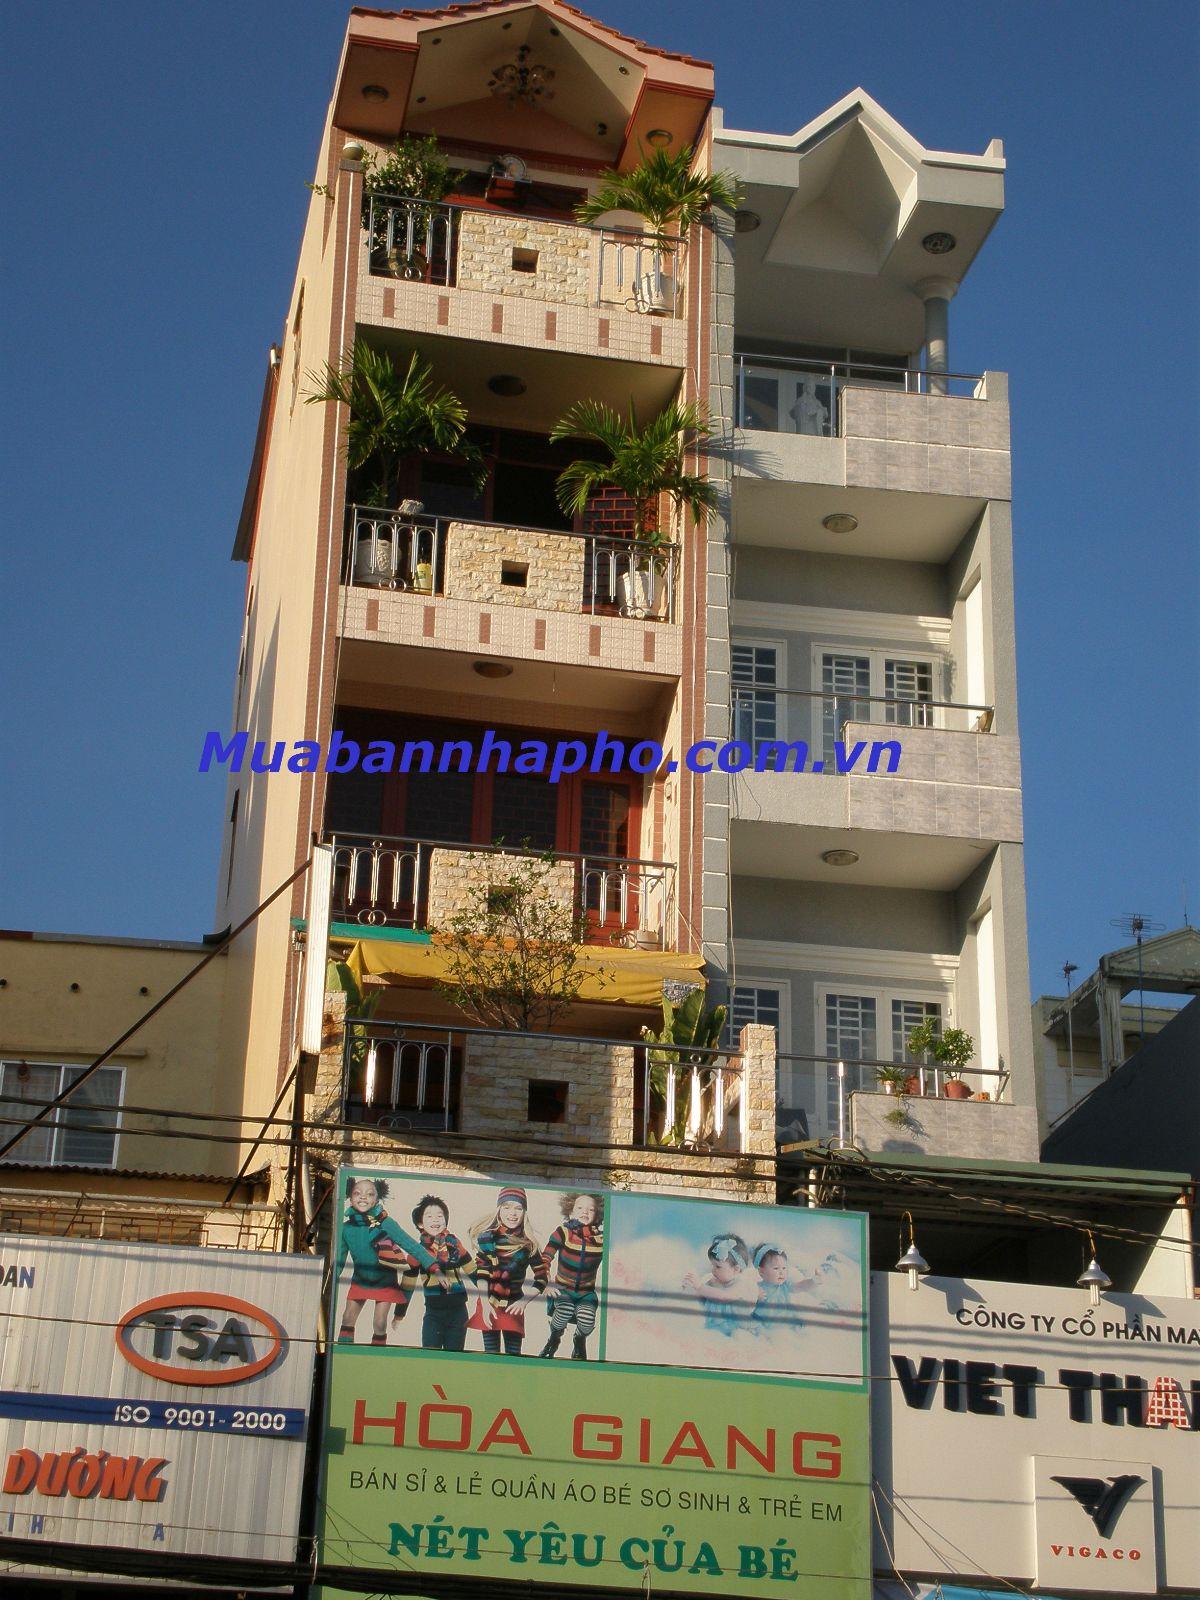 Bán nhà Quận Phú Nhuận